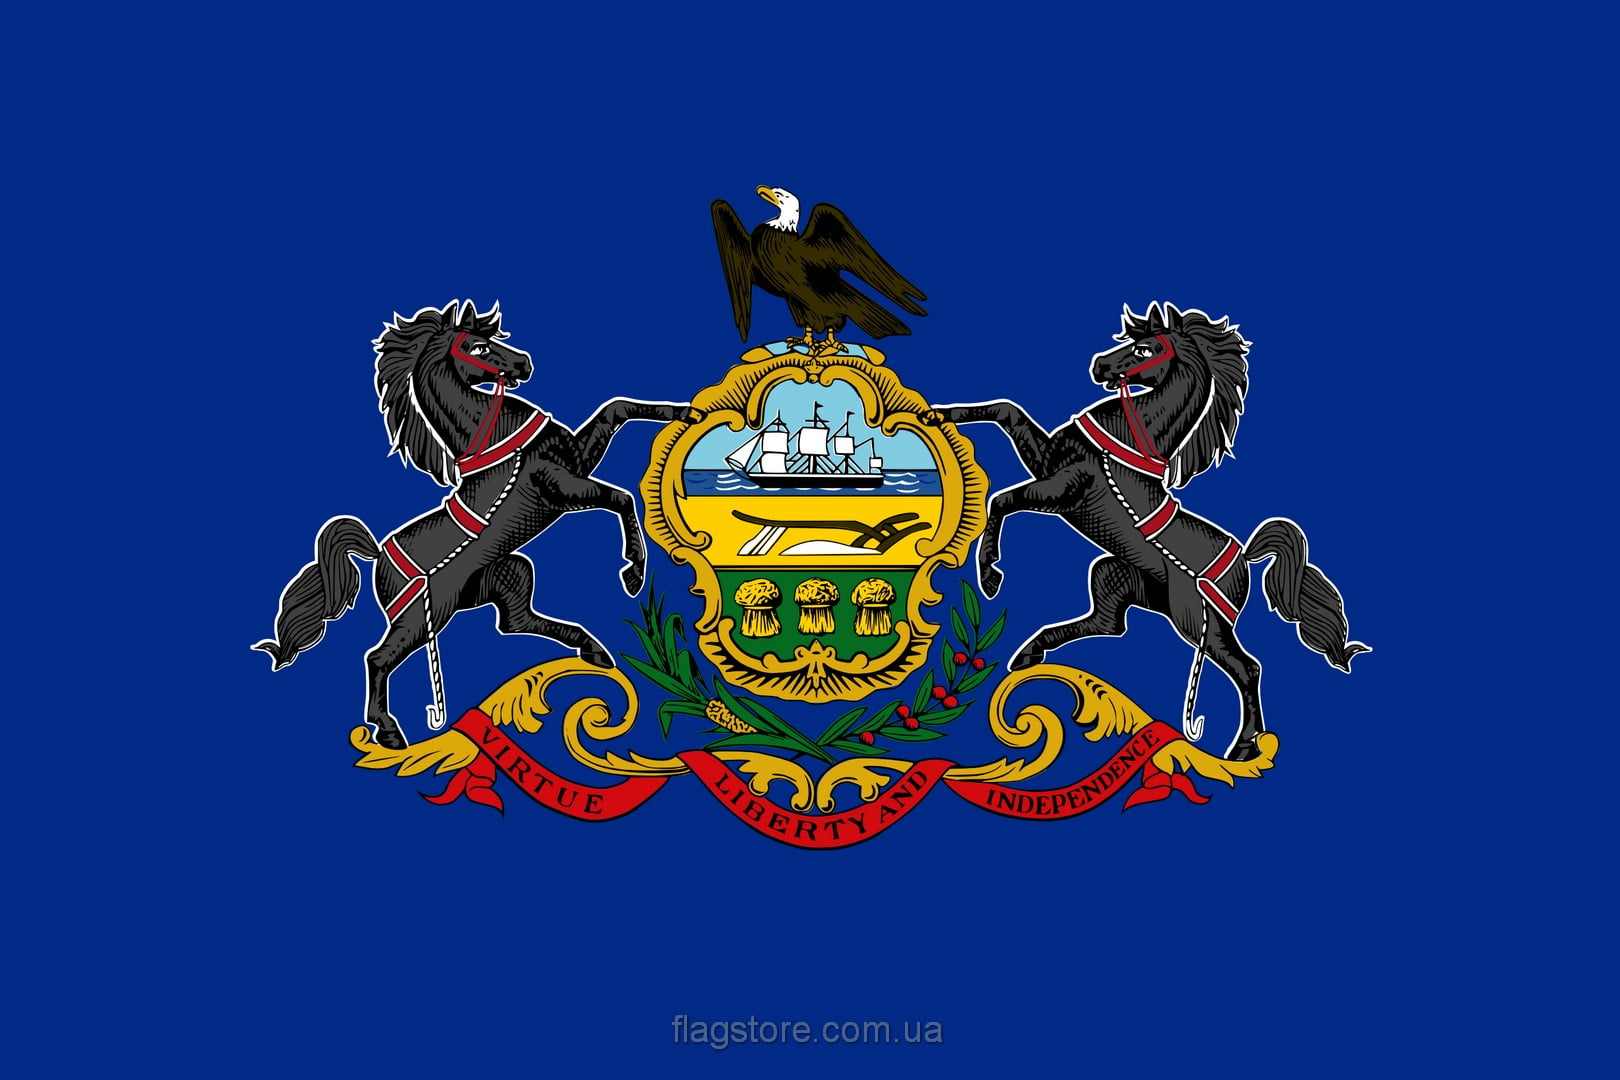 Купить флаг Пенсильвании (штата Пенсильвания)